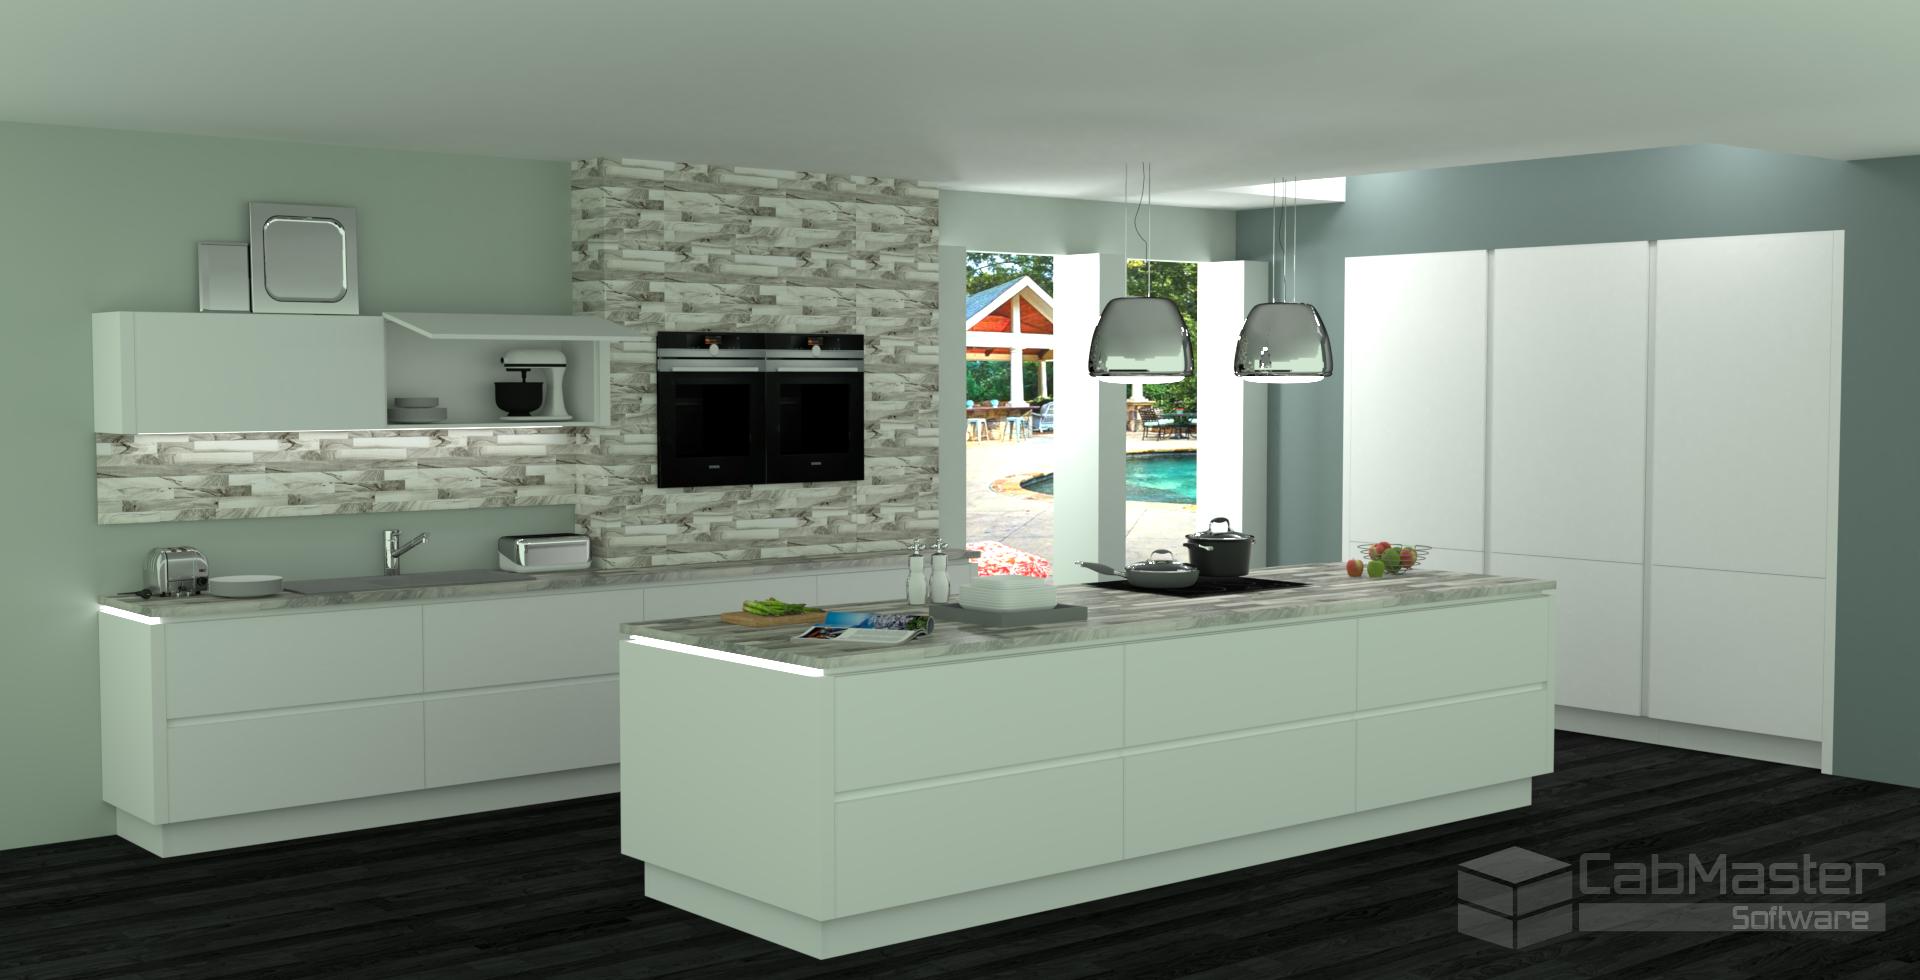 AWISA Sample Kitchen Render